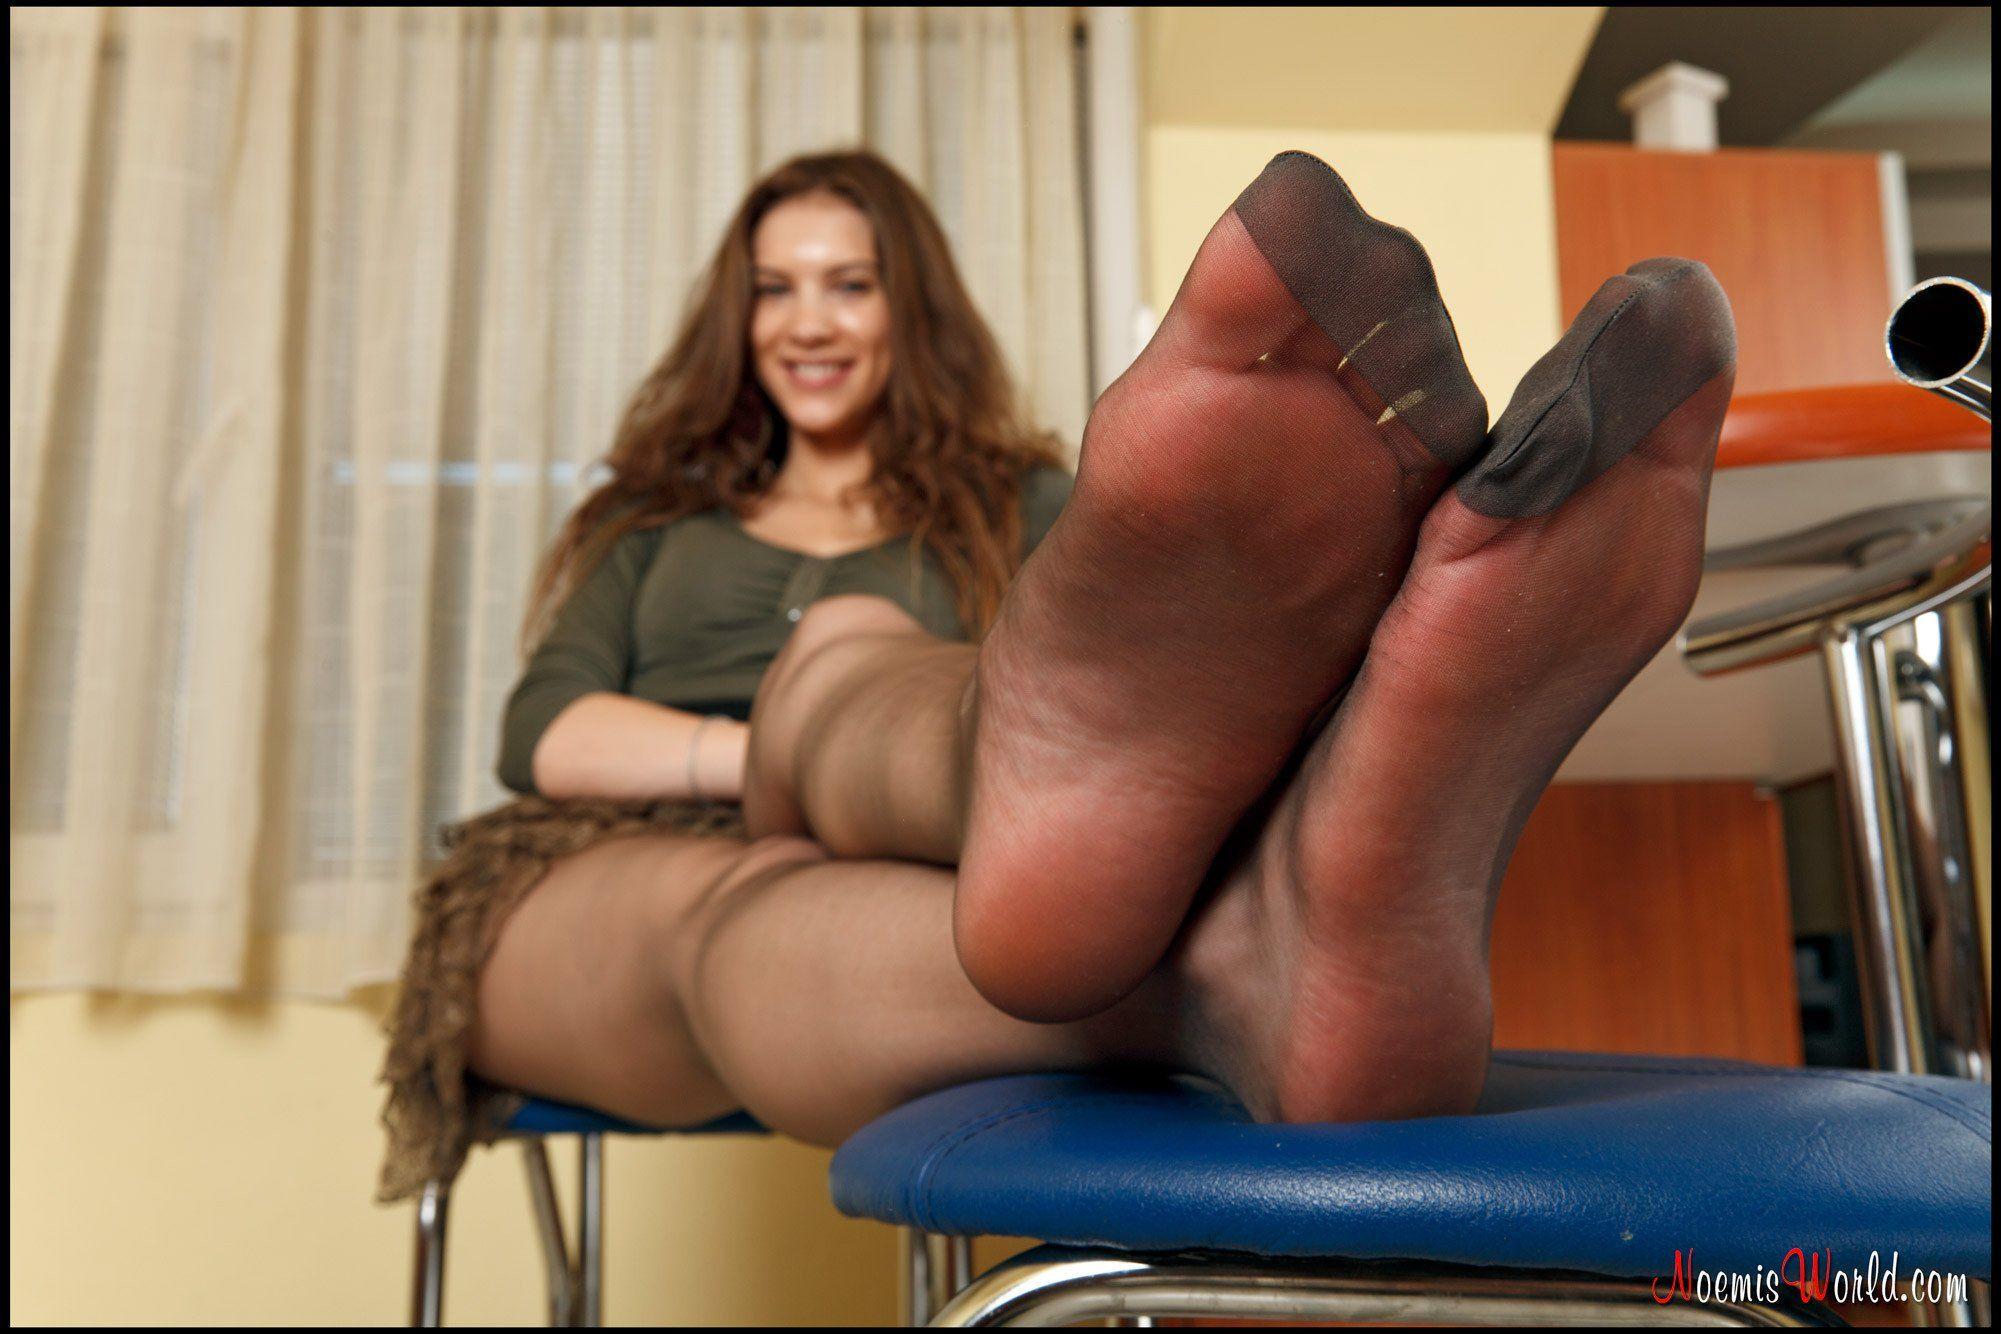 Bbw Feet Porn Tube latina nylon feet photo porno . 48 new porn photos.